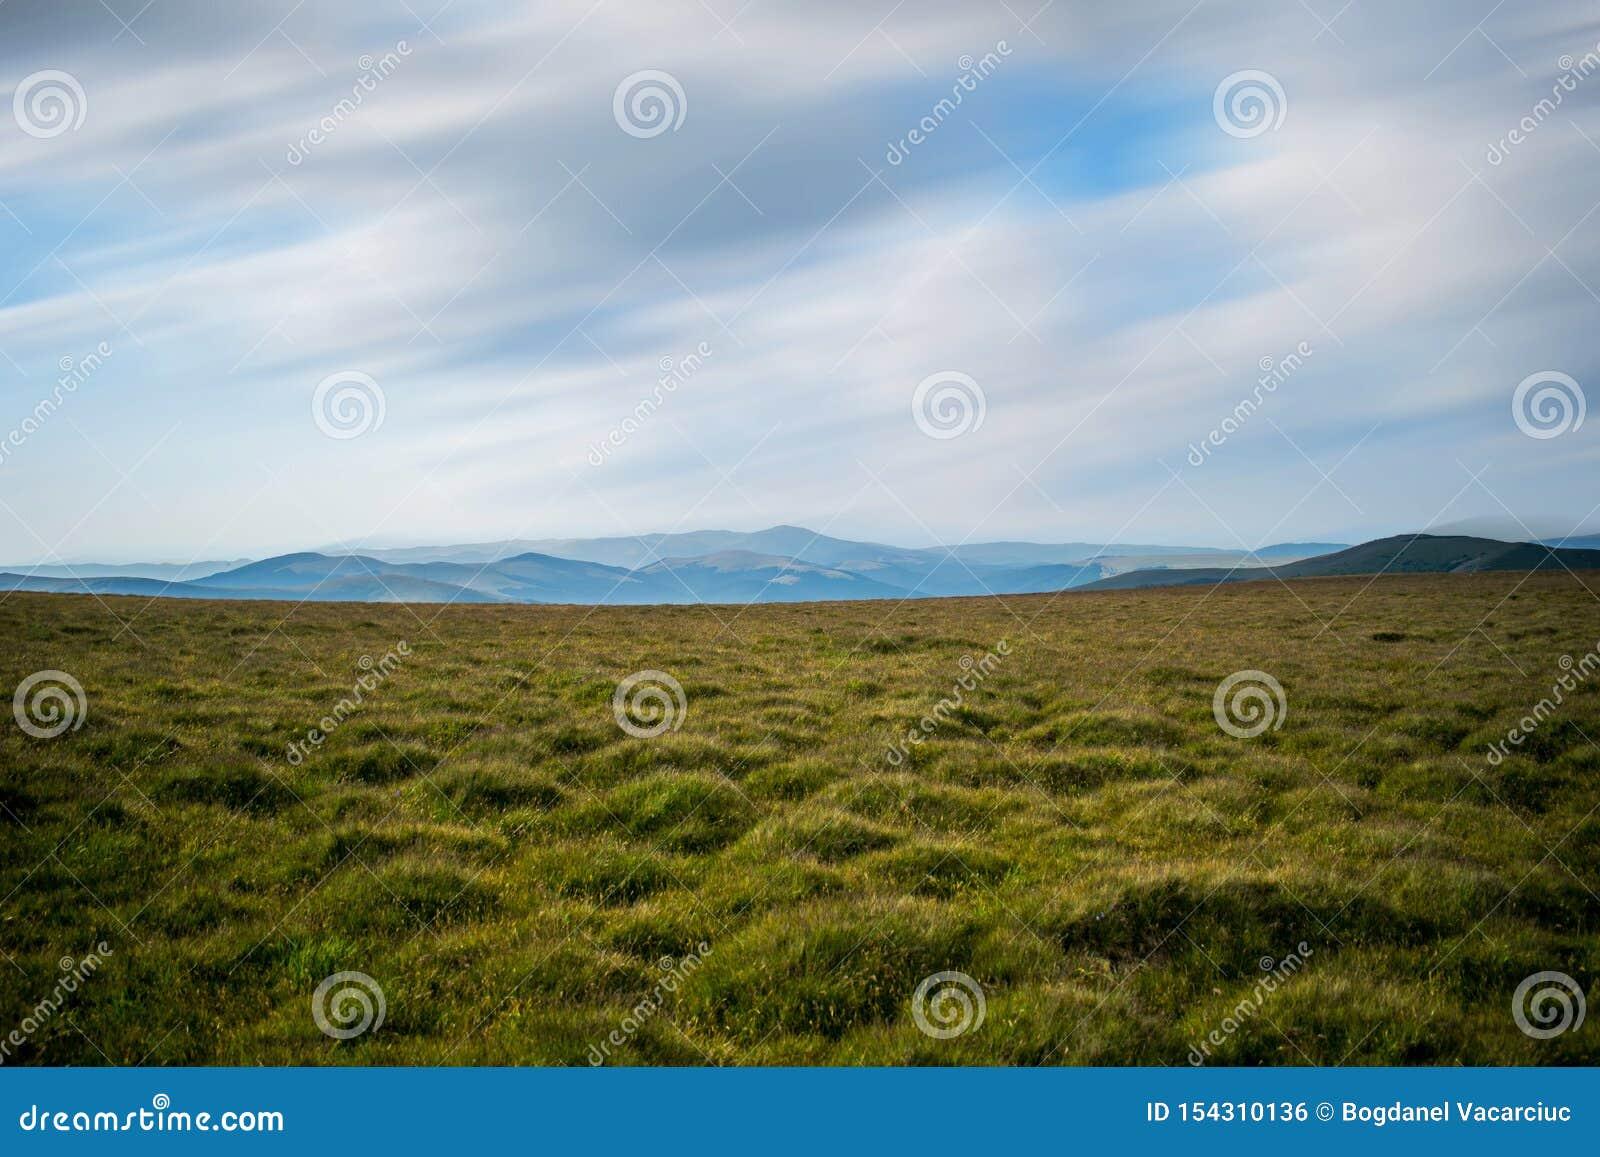 Πράσινο και κίτρινο καλυμμένο χλόη λιβάδι, σε μια περιοχή βουνών Τα βουνά μπορούν να δουν κάπου στην απόσταση